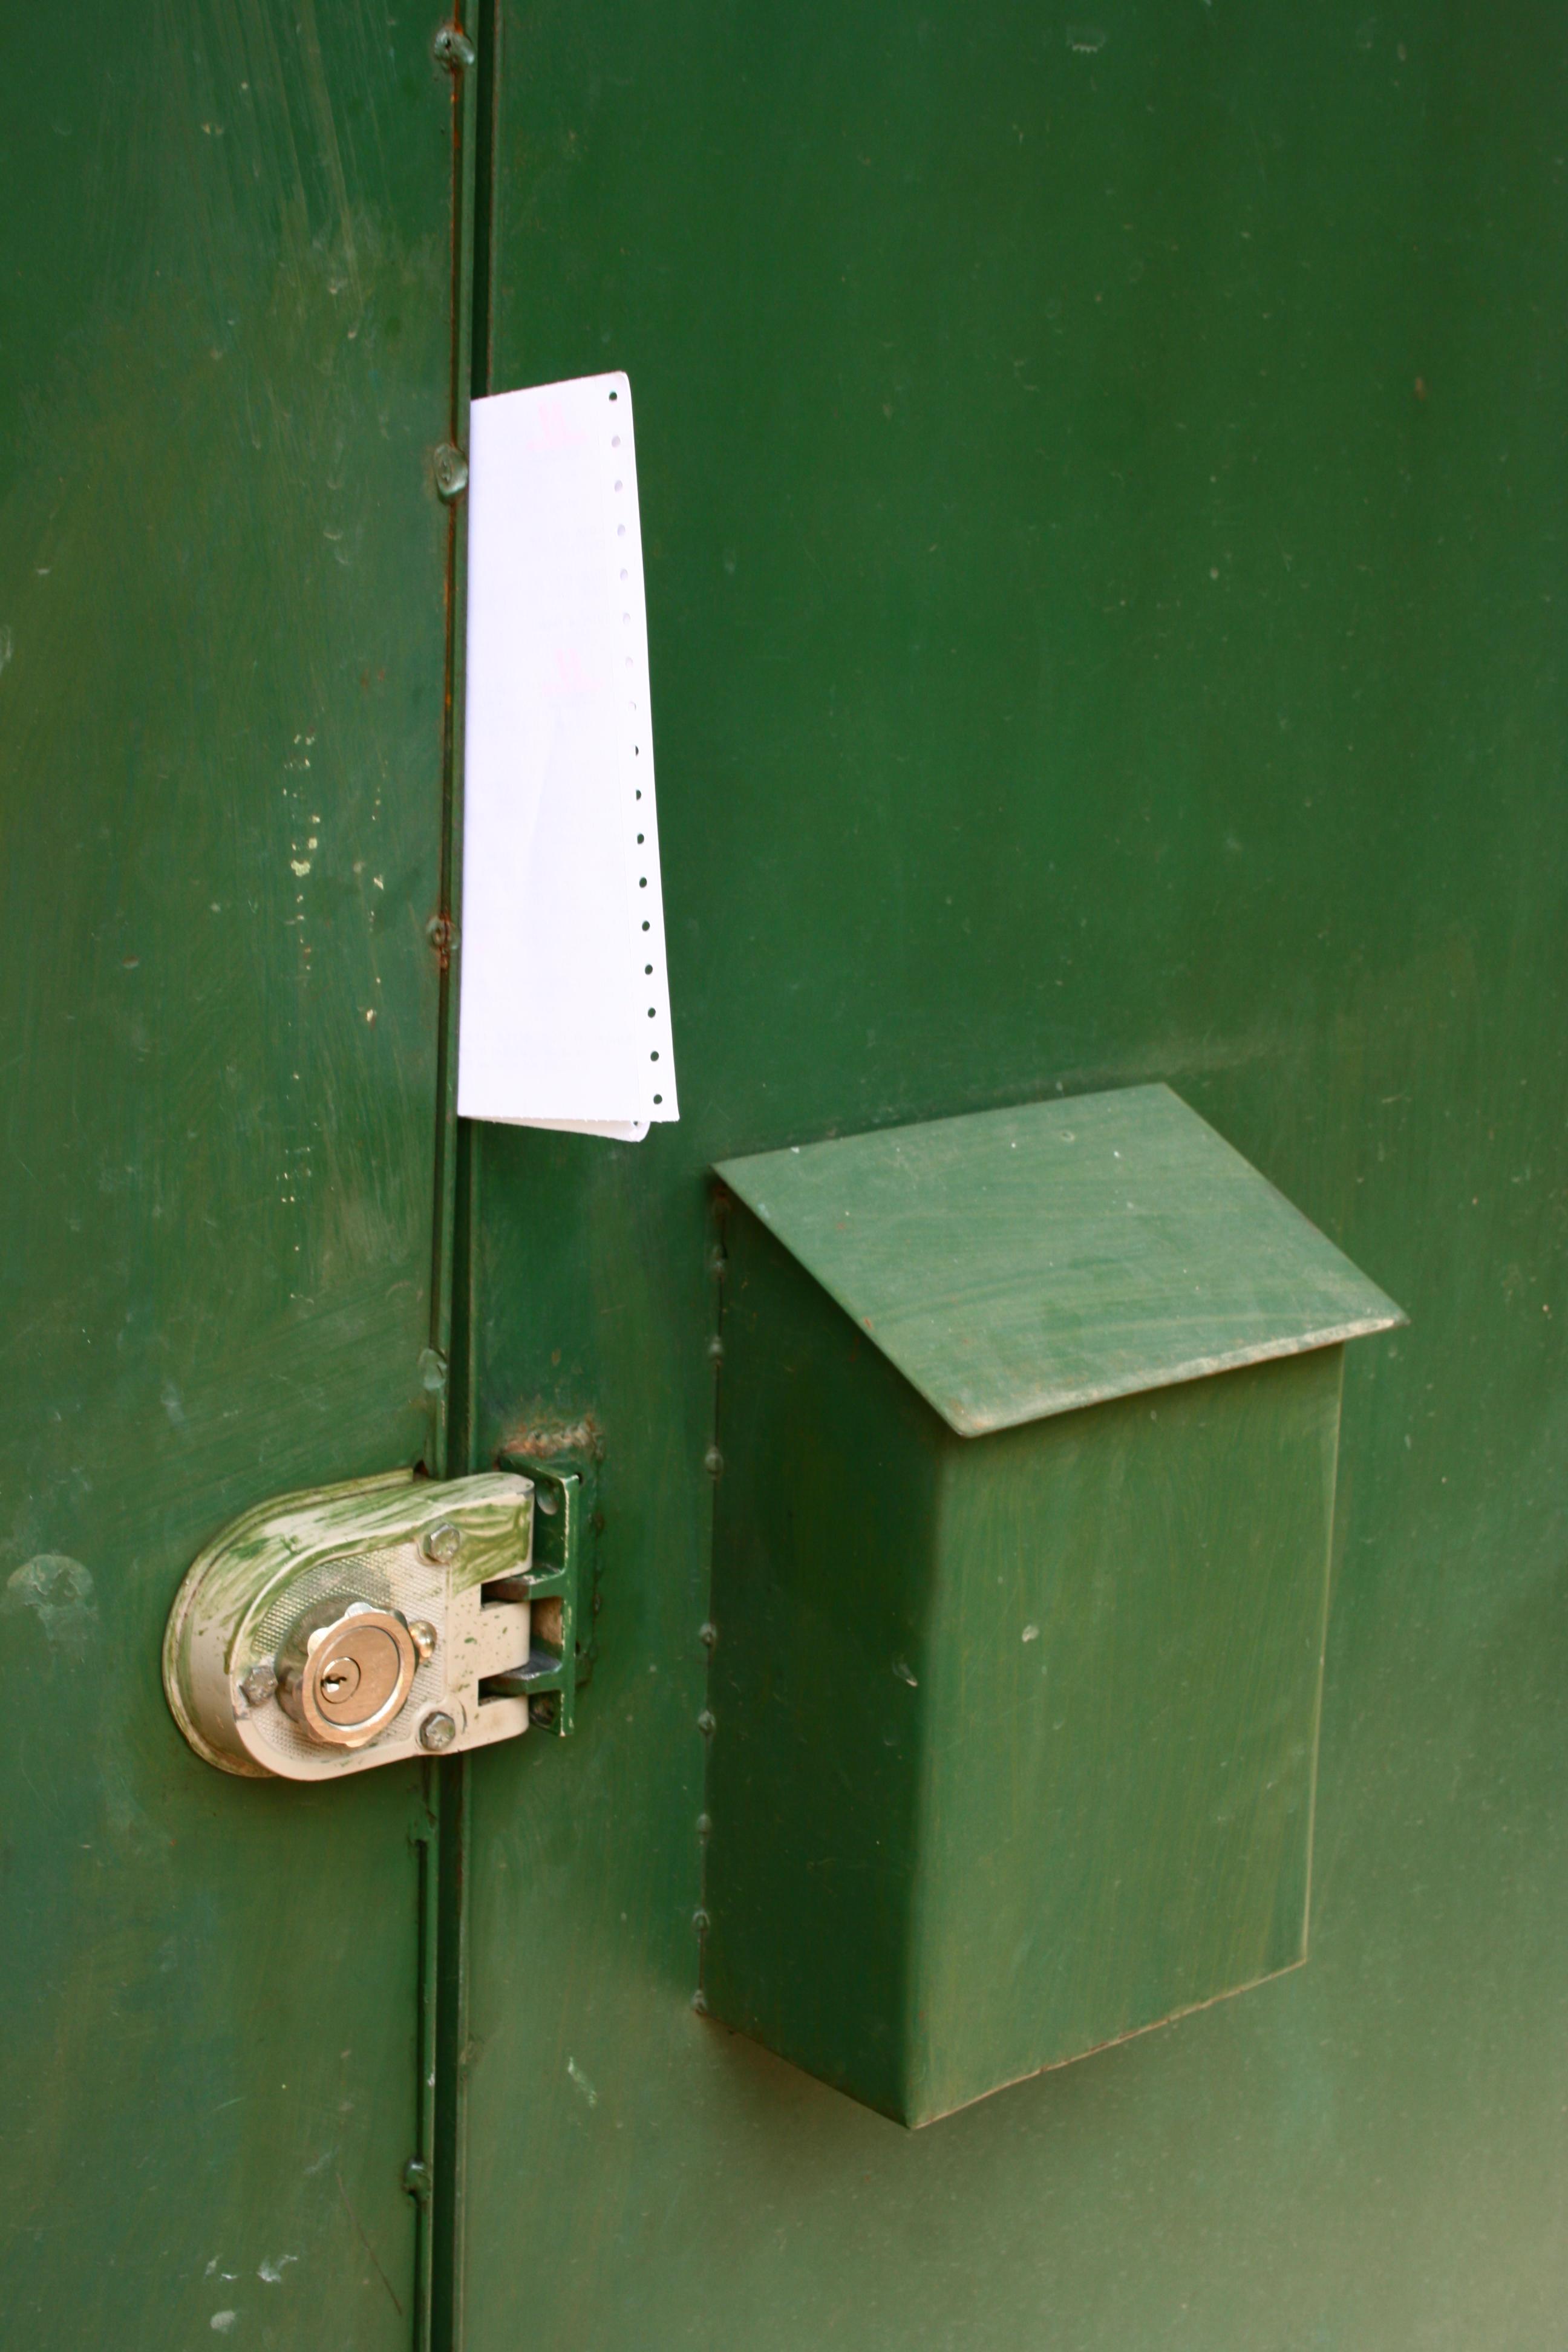 La factura única sí cabe en la ranura de tu puerta. Foto cortesía de Jlduron.